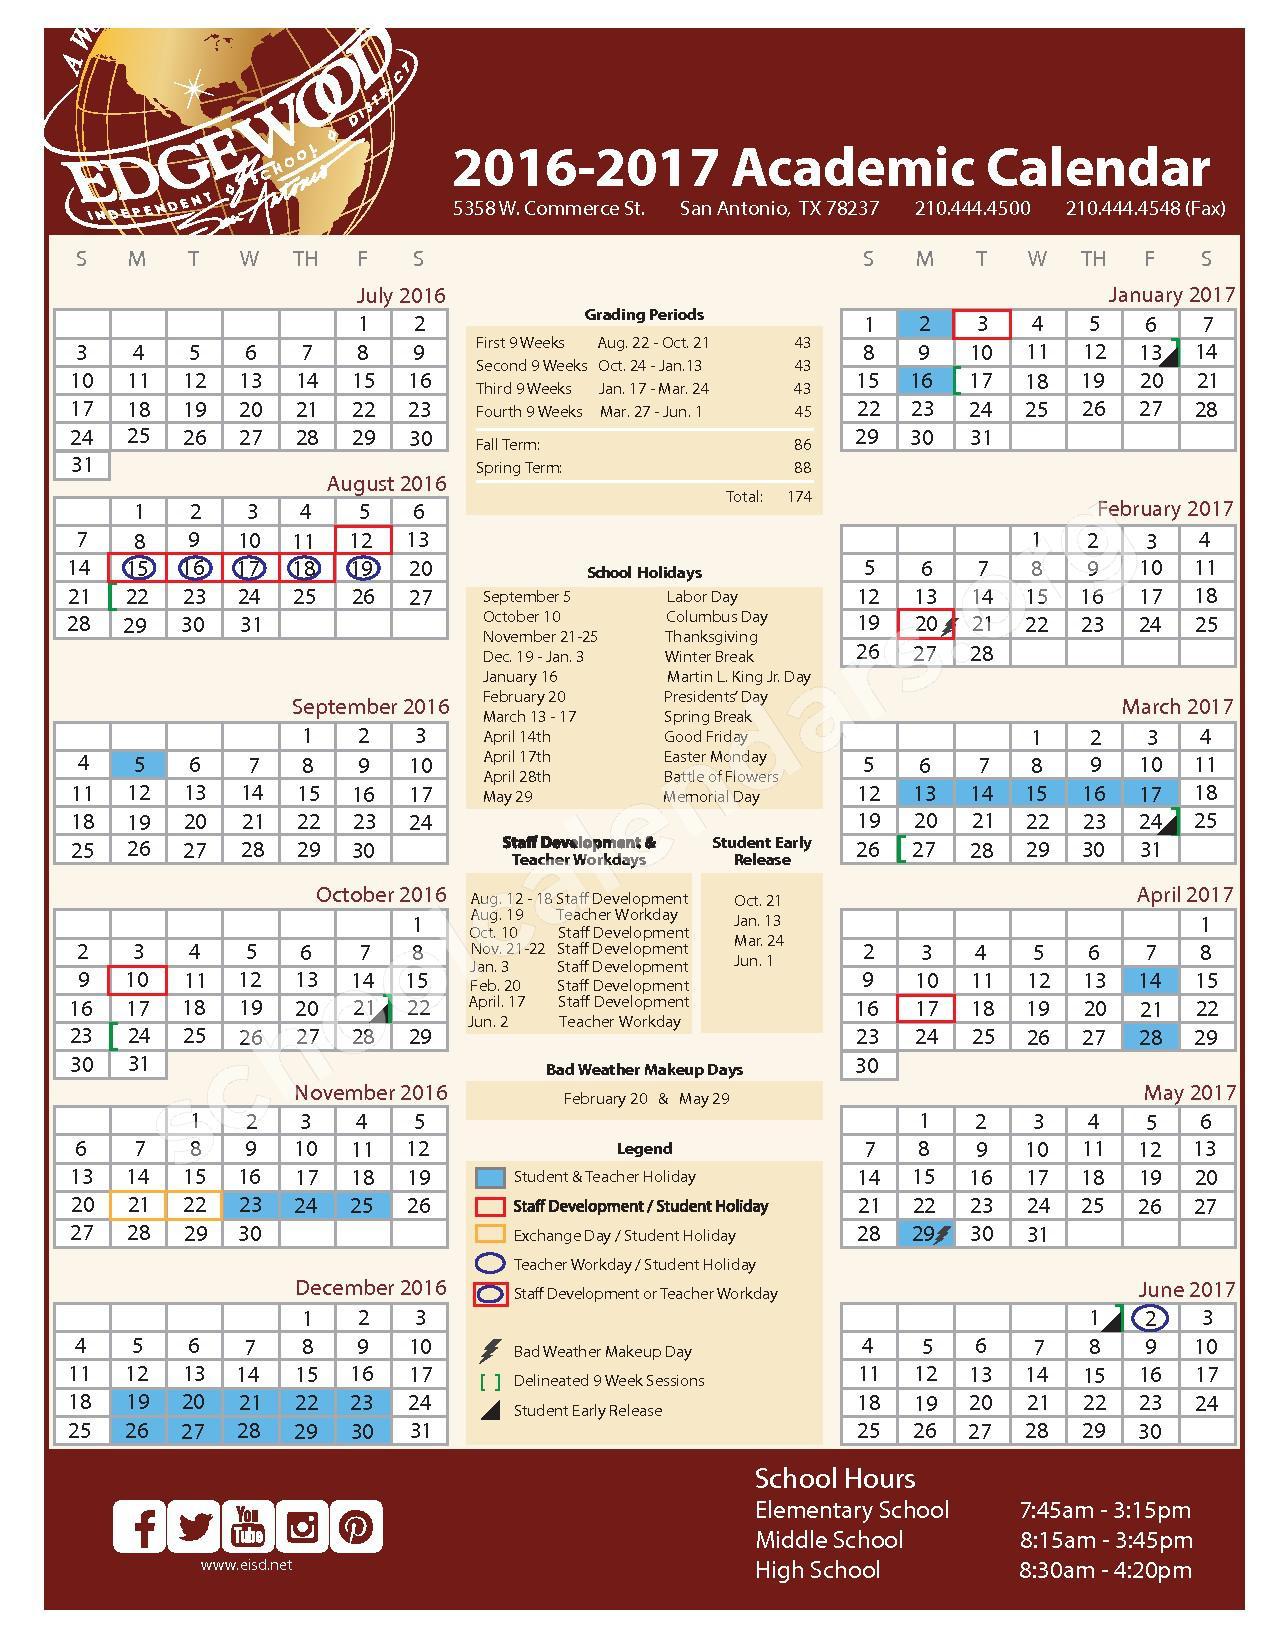 2016 - 2017 School Calendar – Edgewood Independent School District (Bexar County) – page 1